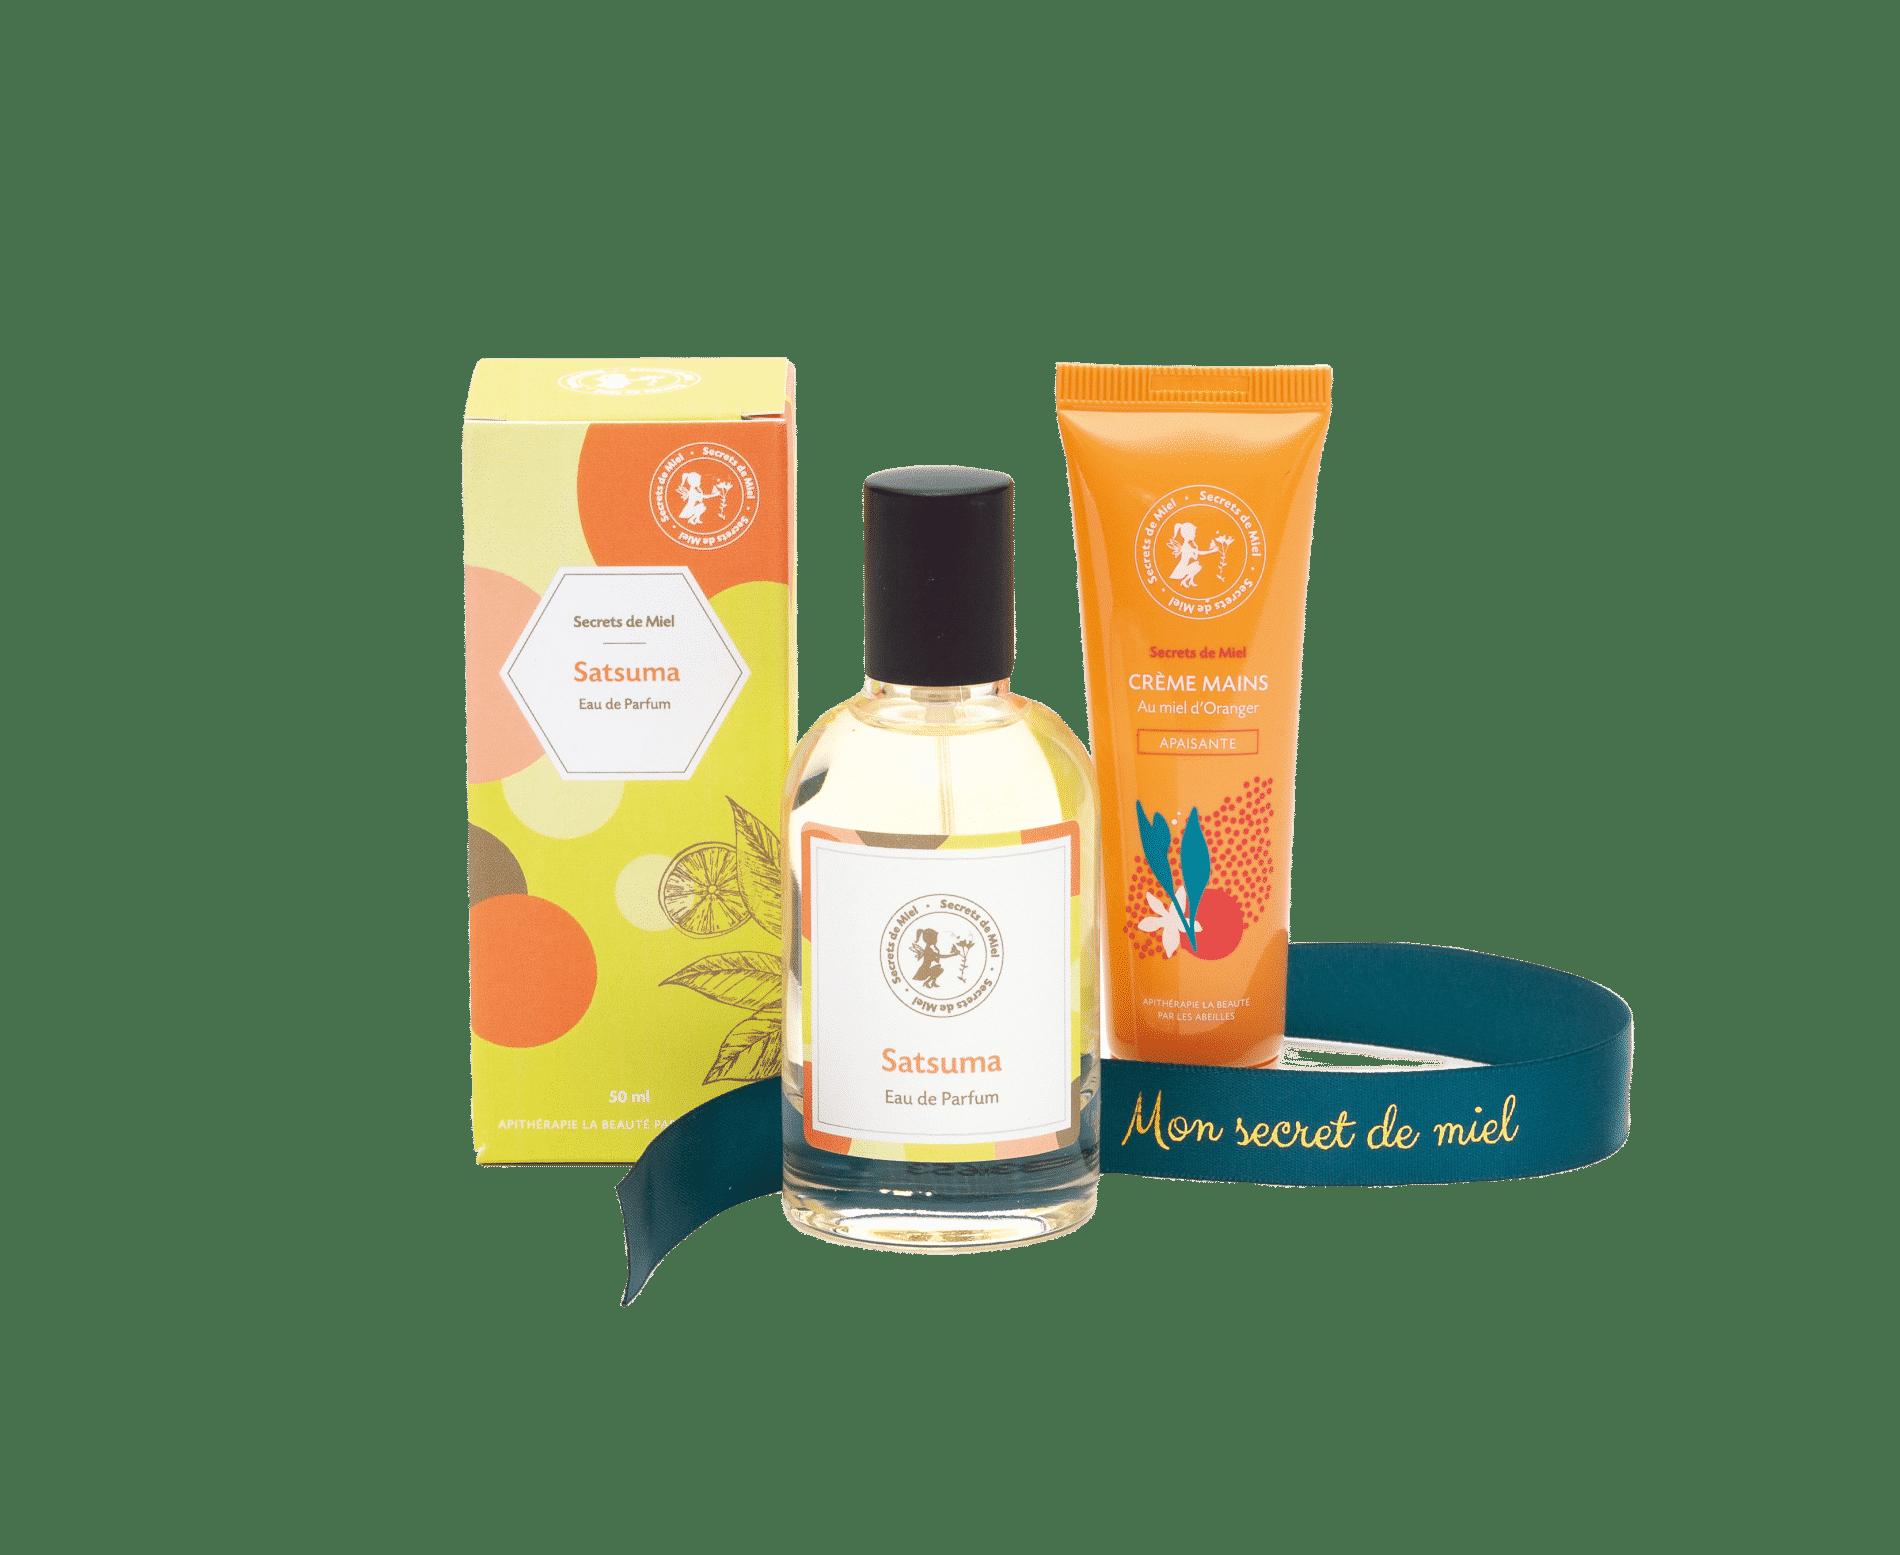 parfums - coffret prêt à offrir - Noël - cadeau - cosmétiques - Made in France - Secrets de Miel